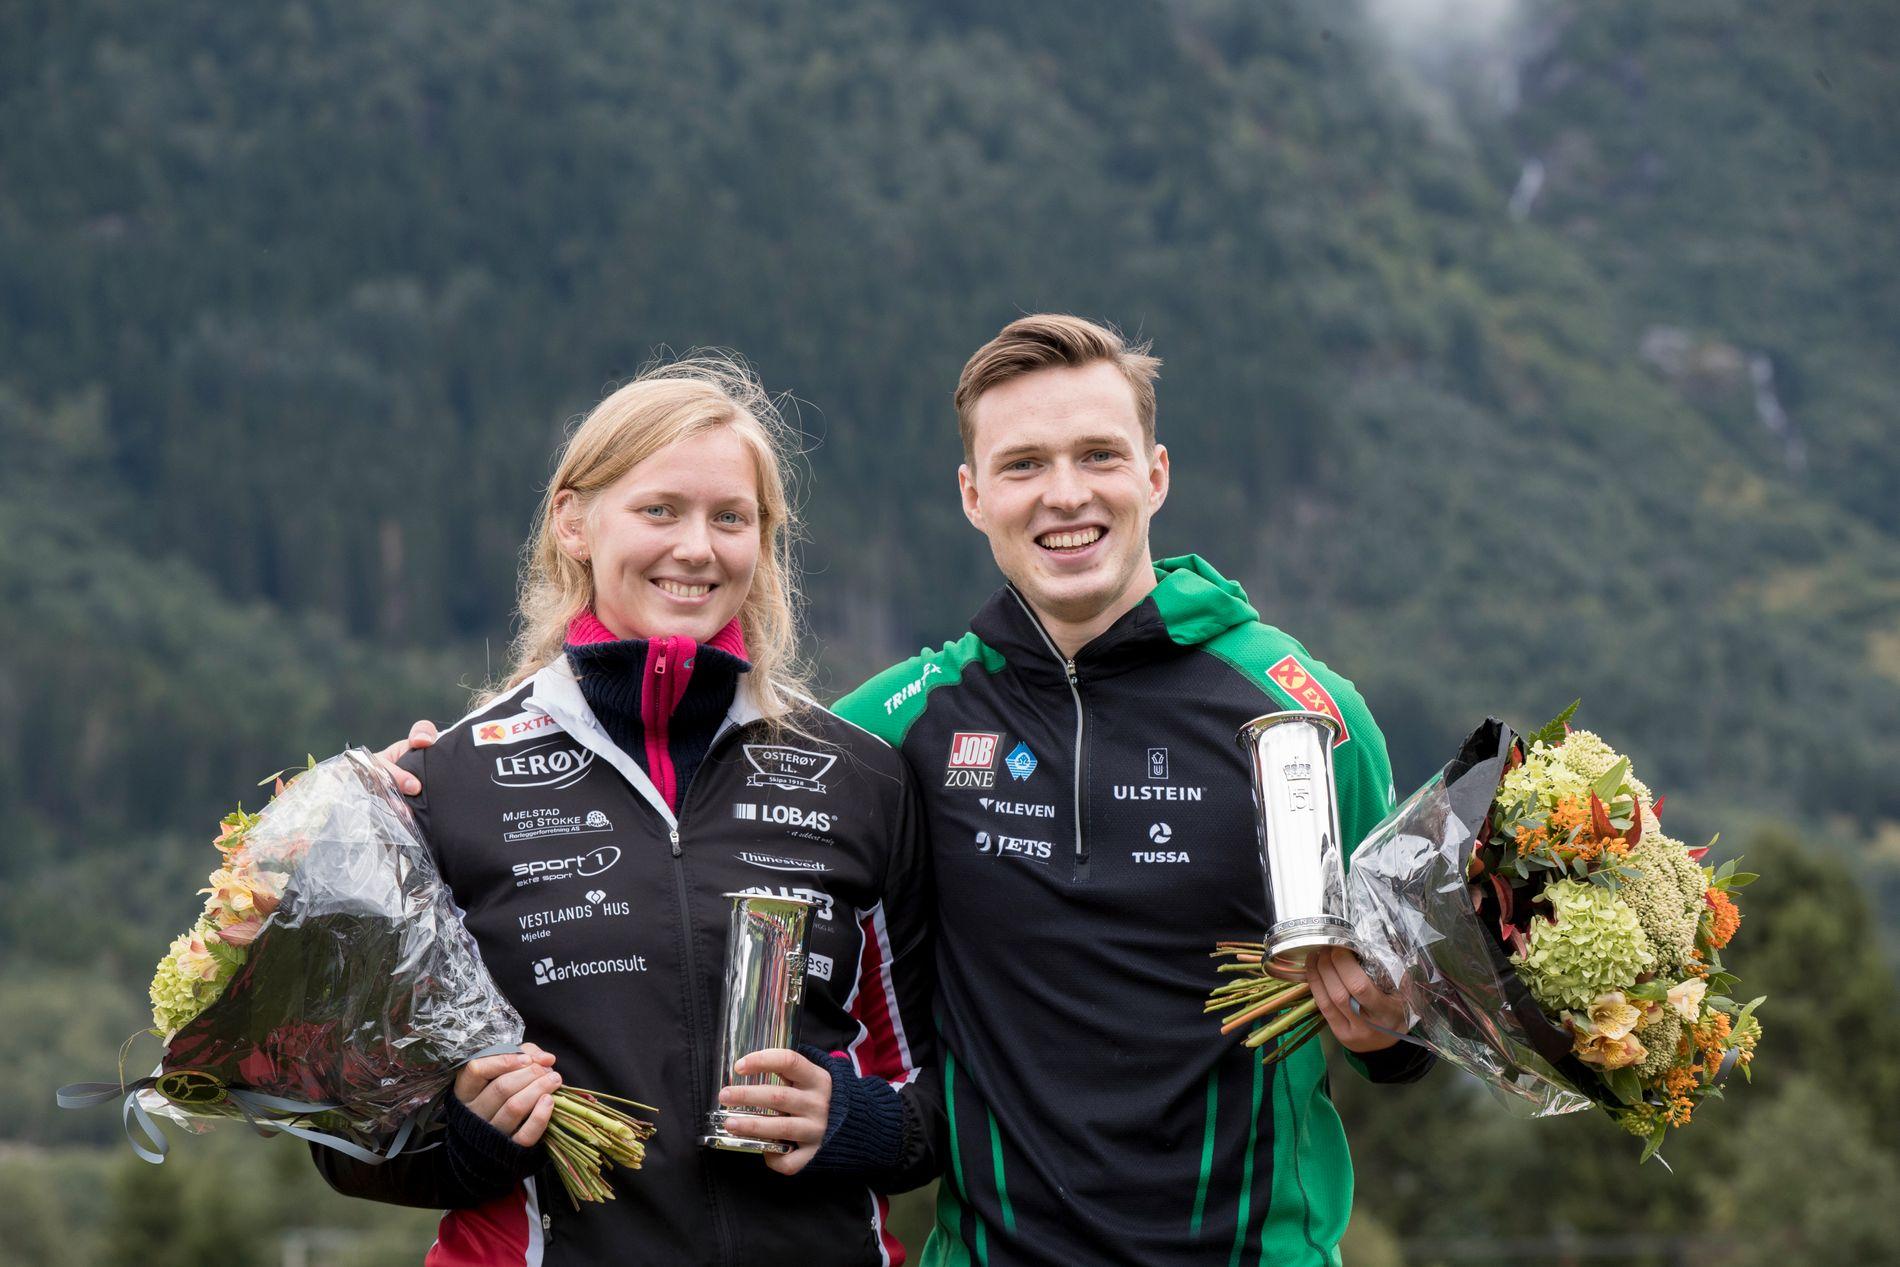 I SAMME FINALE: For to uker siden ble Sigrid Borge (22) tildelt kongepokalen sammen med Karsten Warholm (22) etter NM i Byrkjelo. Torsdag kveld jakter begge på førstepremien 418.000 kroner i Diamond League-finalen i Zürich.